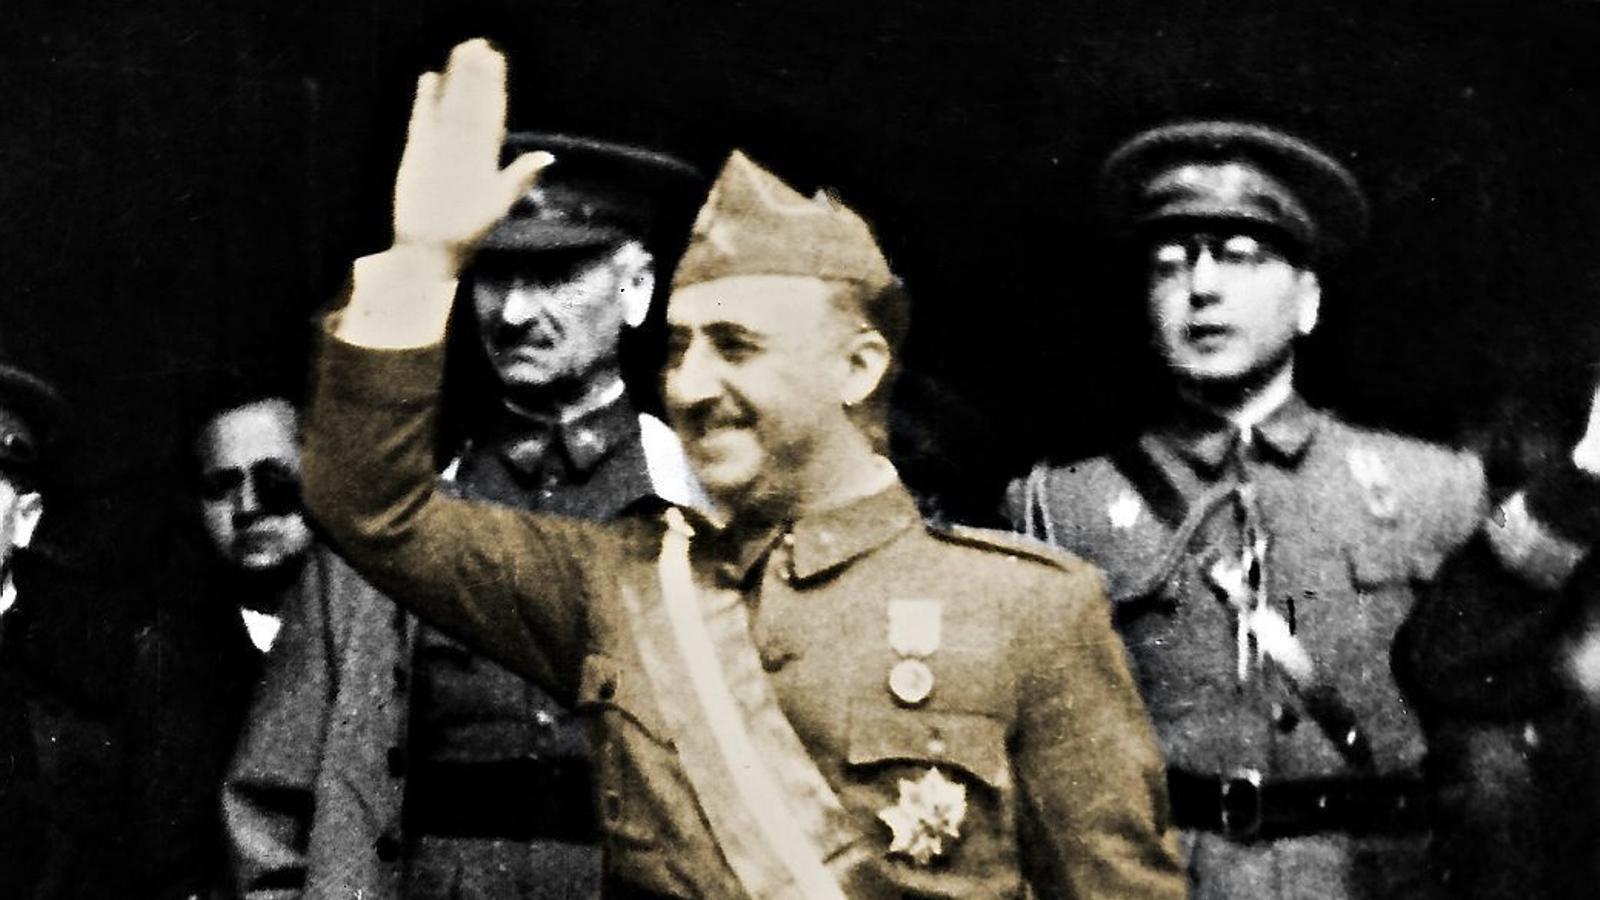 Accés públic als papers de Defensa, la Fundació Francisco Franco i la Falange